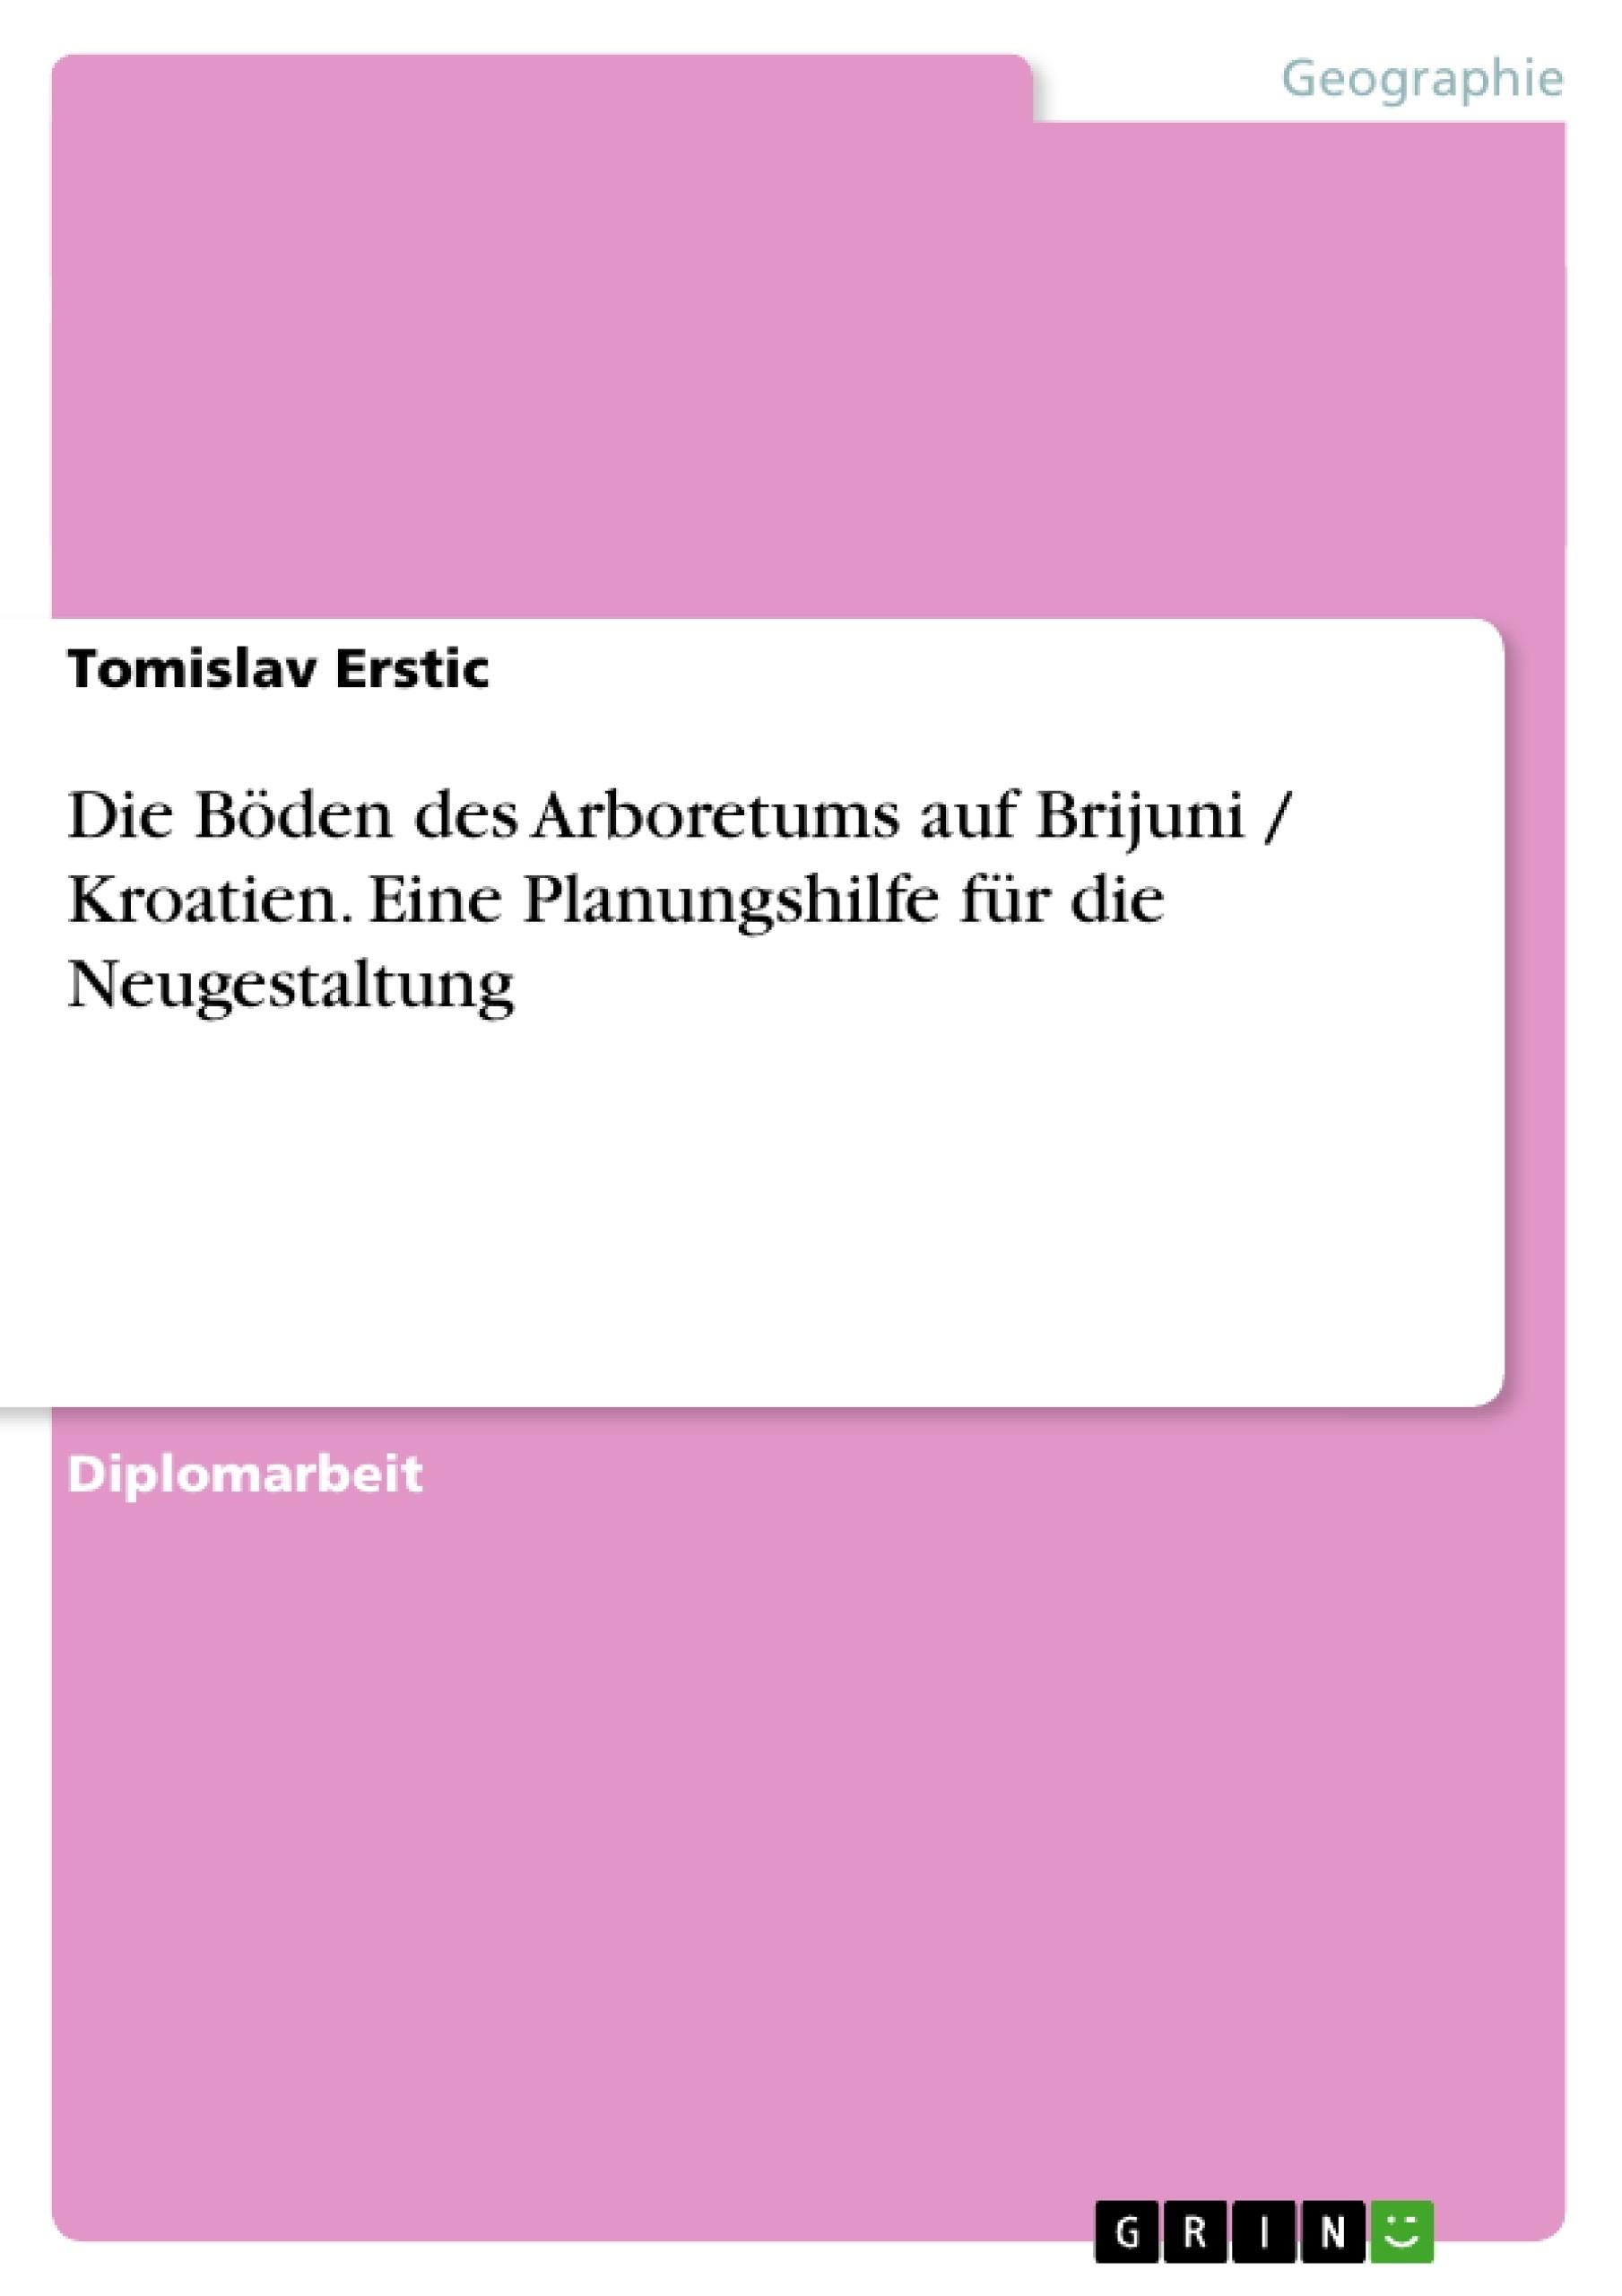 Titel: Die Böden des Arboretums auf Brijuni / Kroatien. Eine Planungshilfe für die Neugestaltung